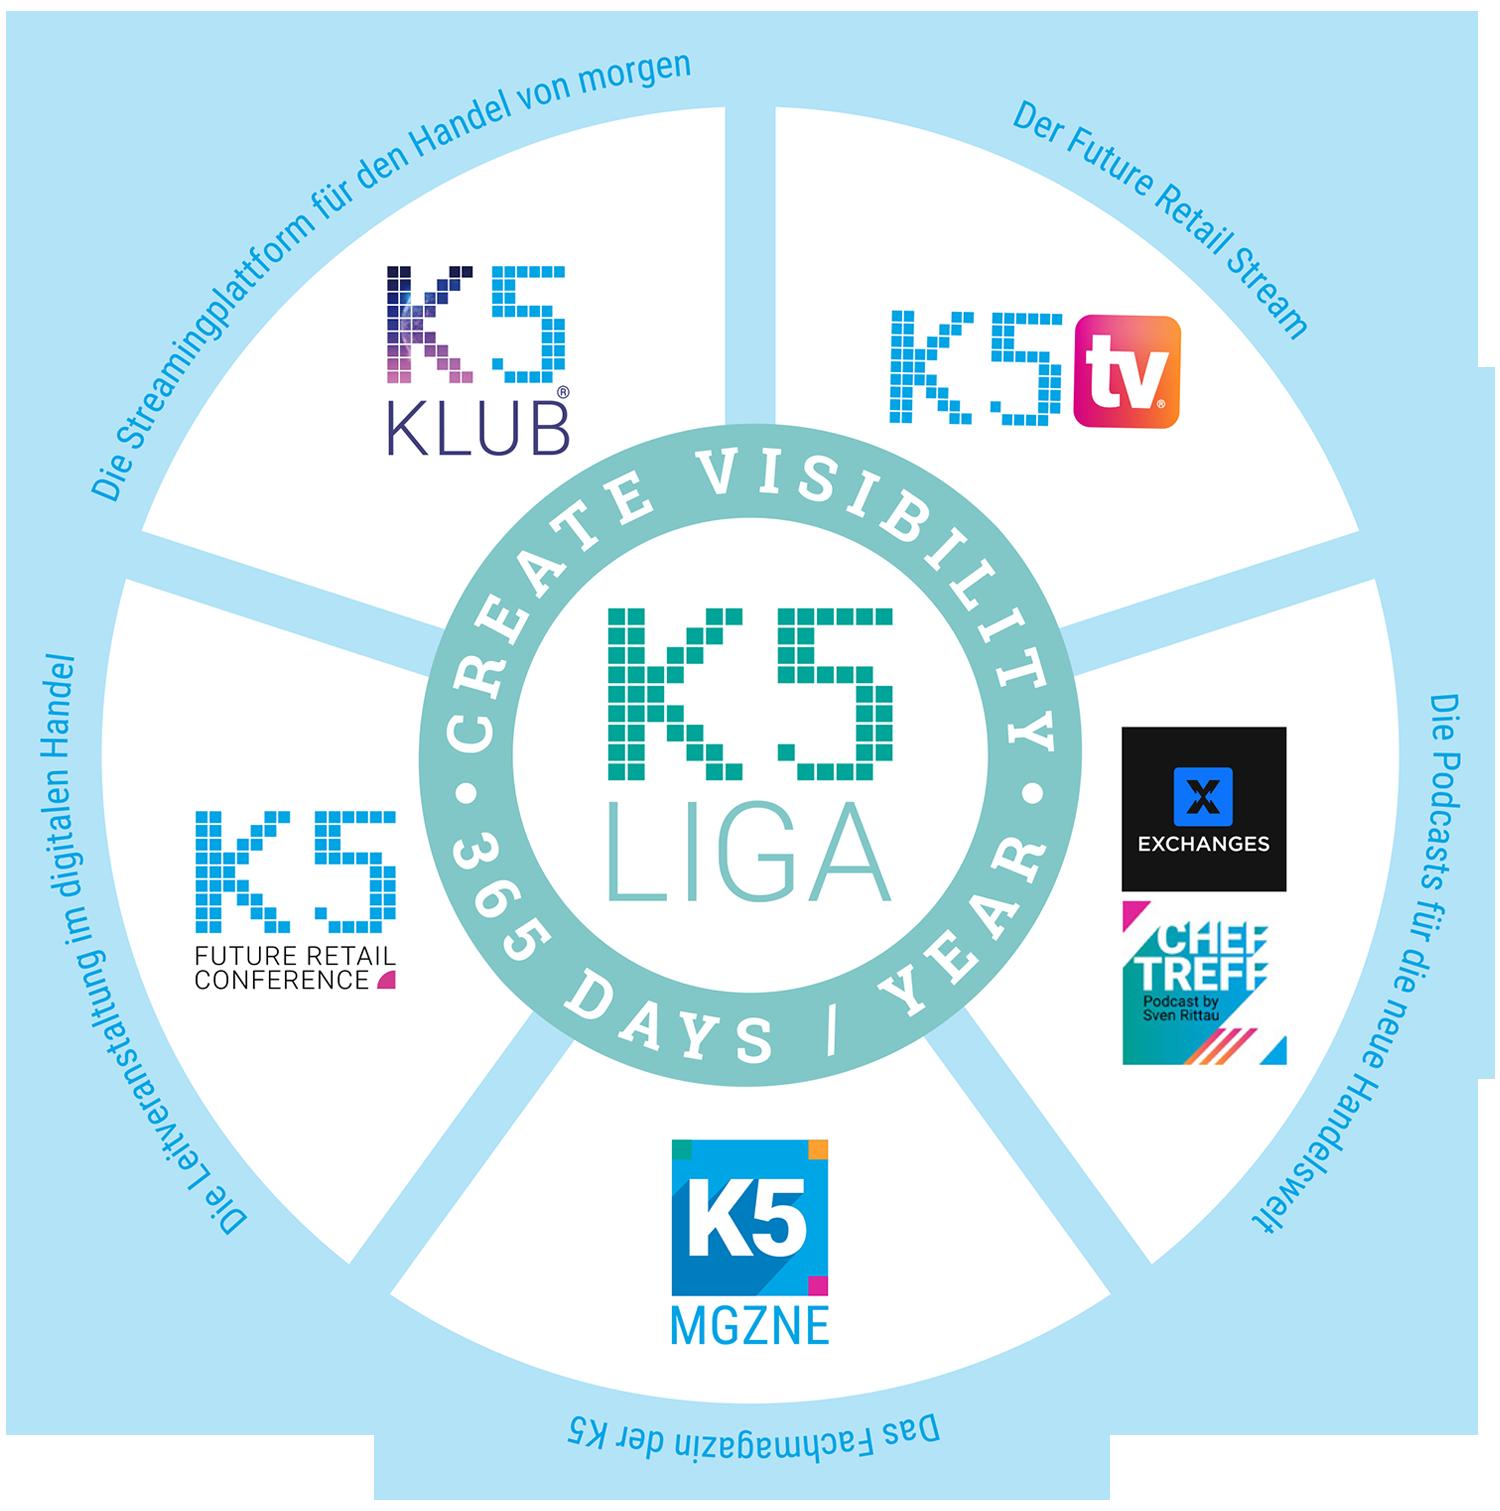 K5 LIGA Übersicht